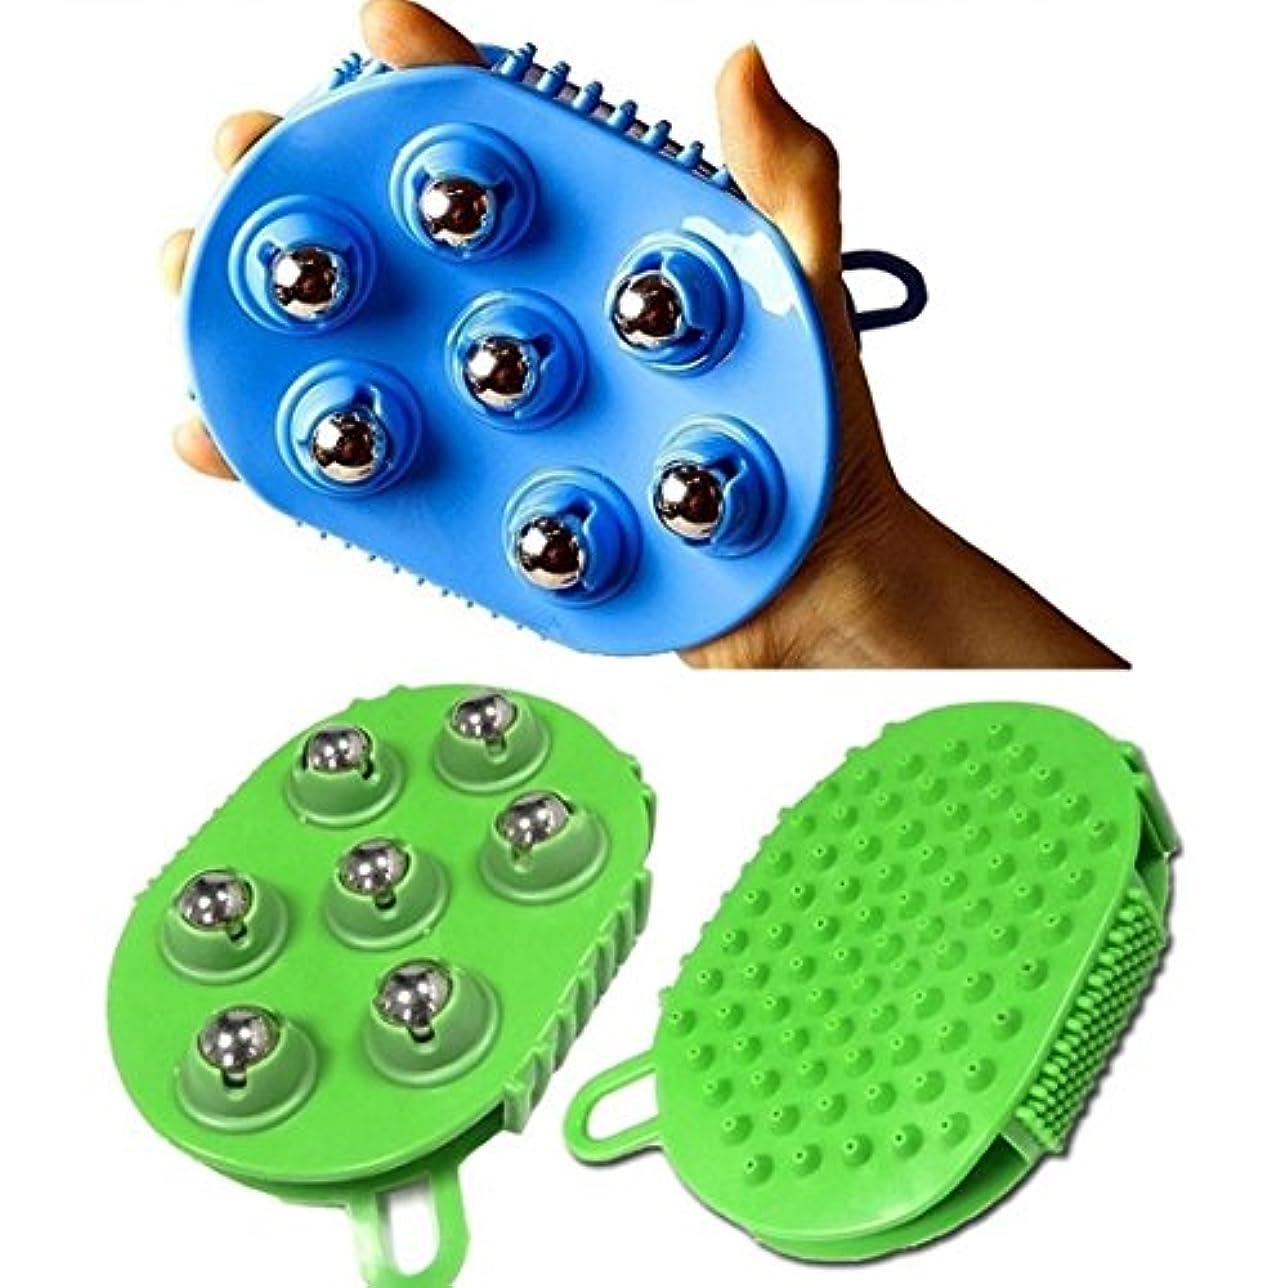 推進力ずらす未払いステンレススチールボールマッサージブラシグローブ7ローリング 360度回転 / Stainless steel Ball Massage Brush Glove 7 Rolling 360 degree rotation / パームシリコンブラシスリミングブラシフルボディ/ palm silicon Brush Slimming Brush Full Body /ランダムカラー / Random Color [並行輸入品]